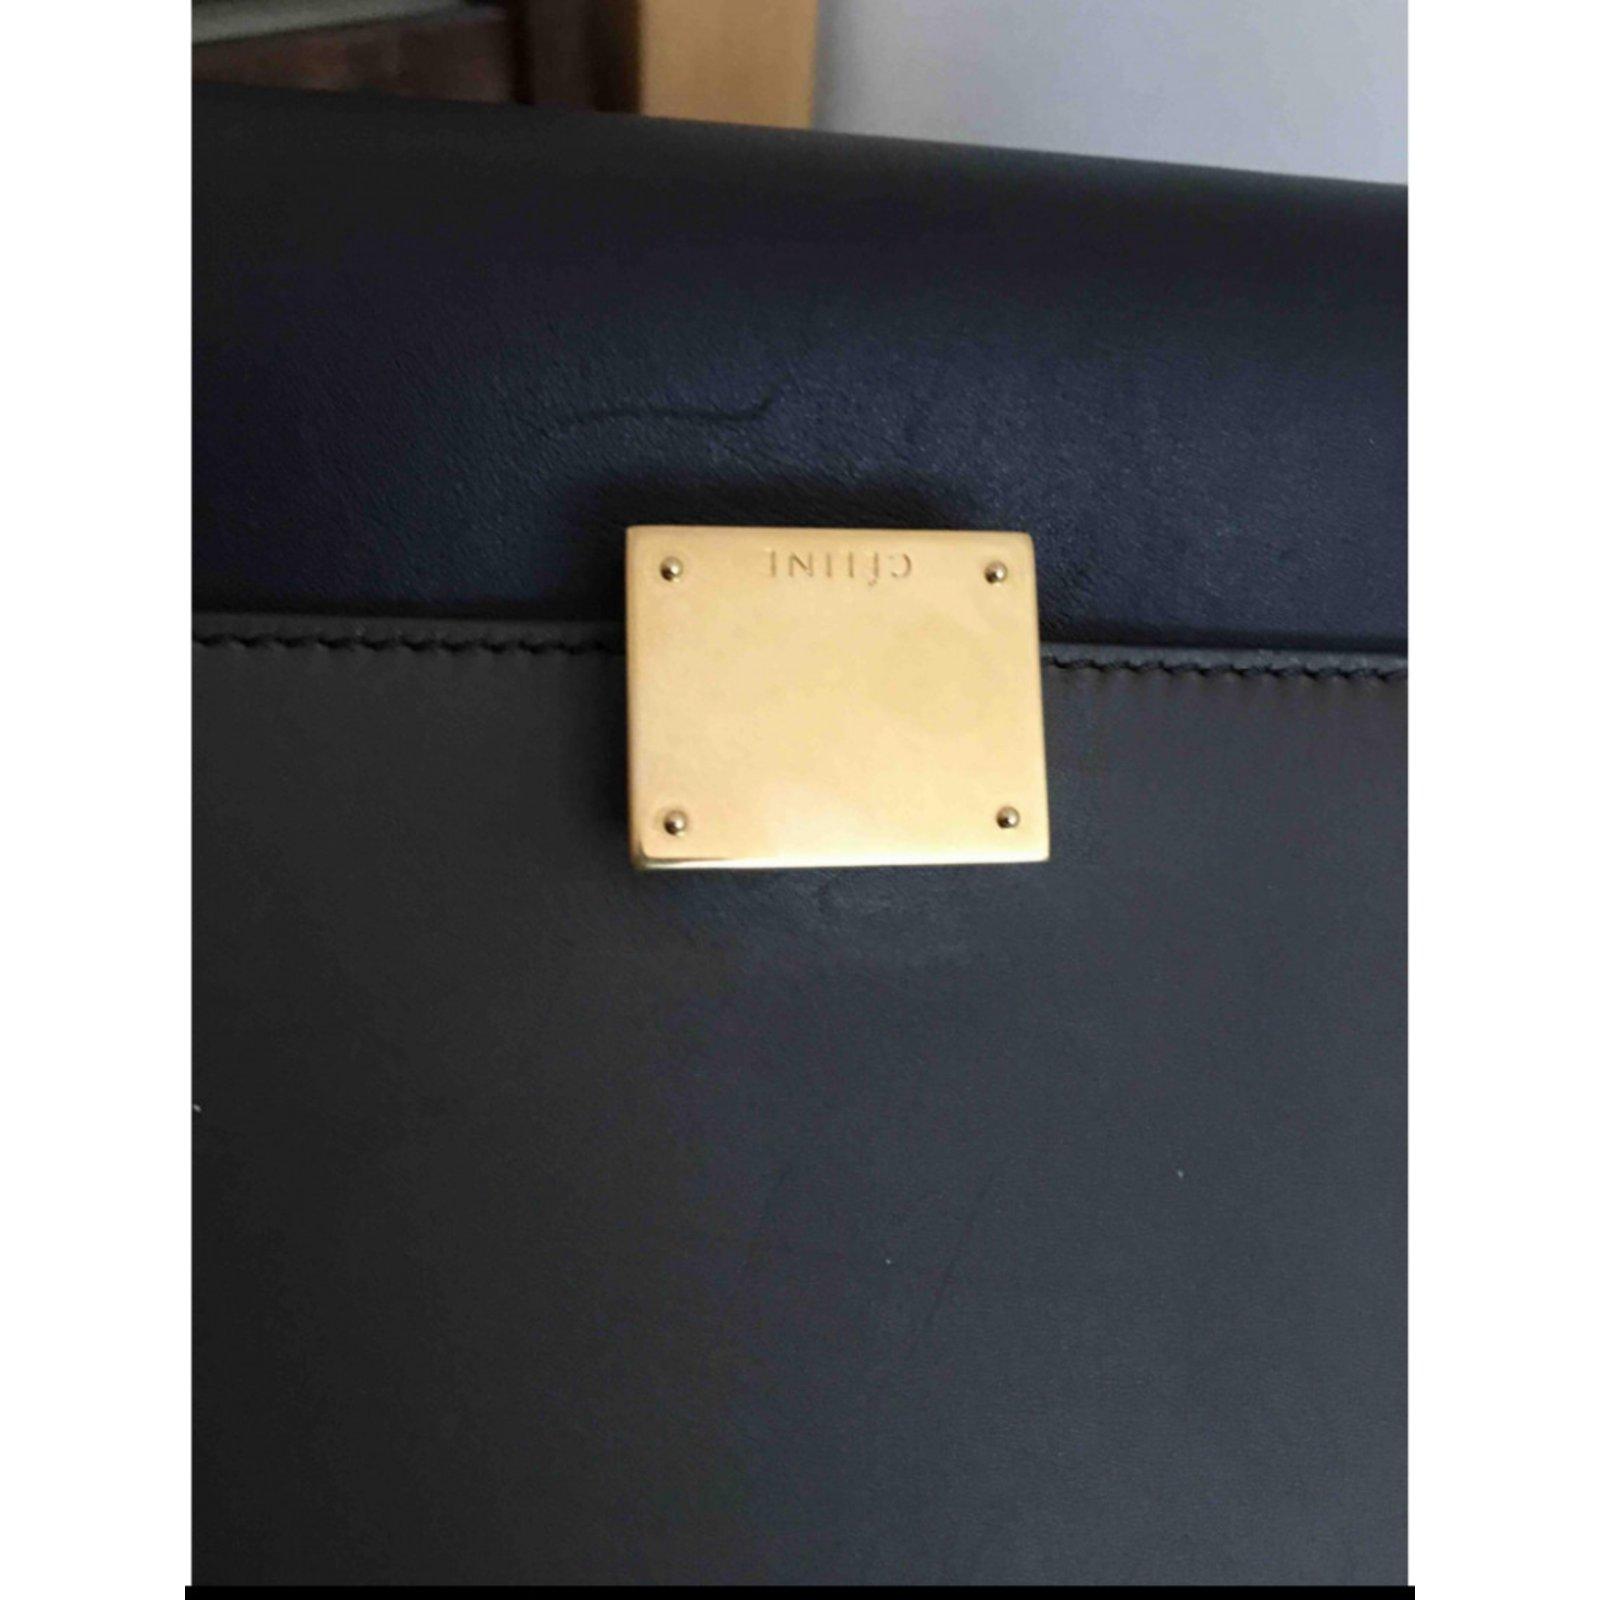 94add0a5a30f ... Céline Celine trapèze Handbags Leather Multiple colors ref.40447 - Joli  Closet competitive price 67b80 ...